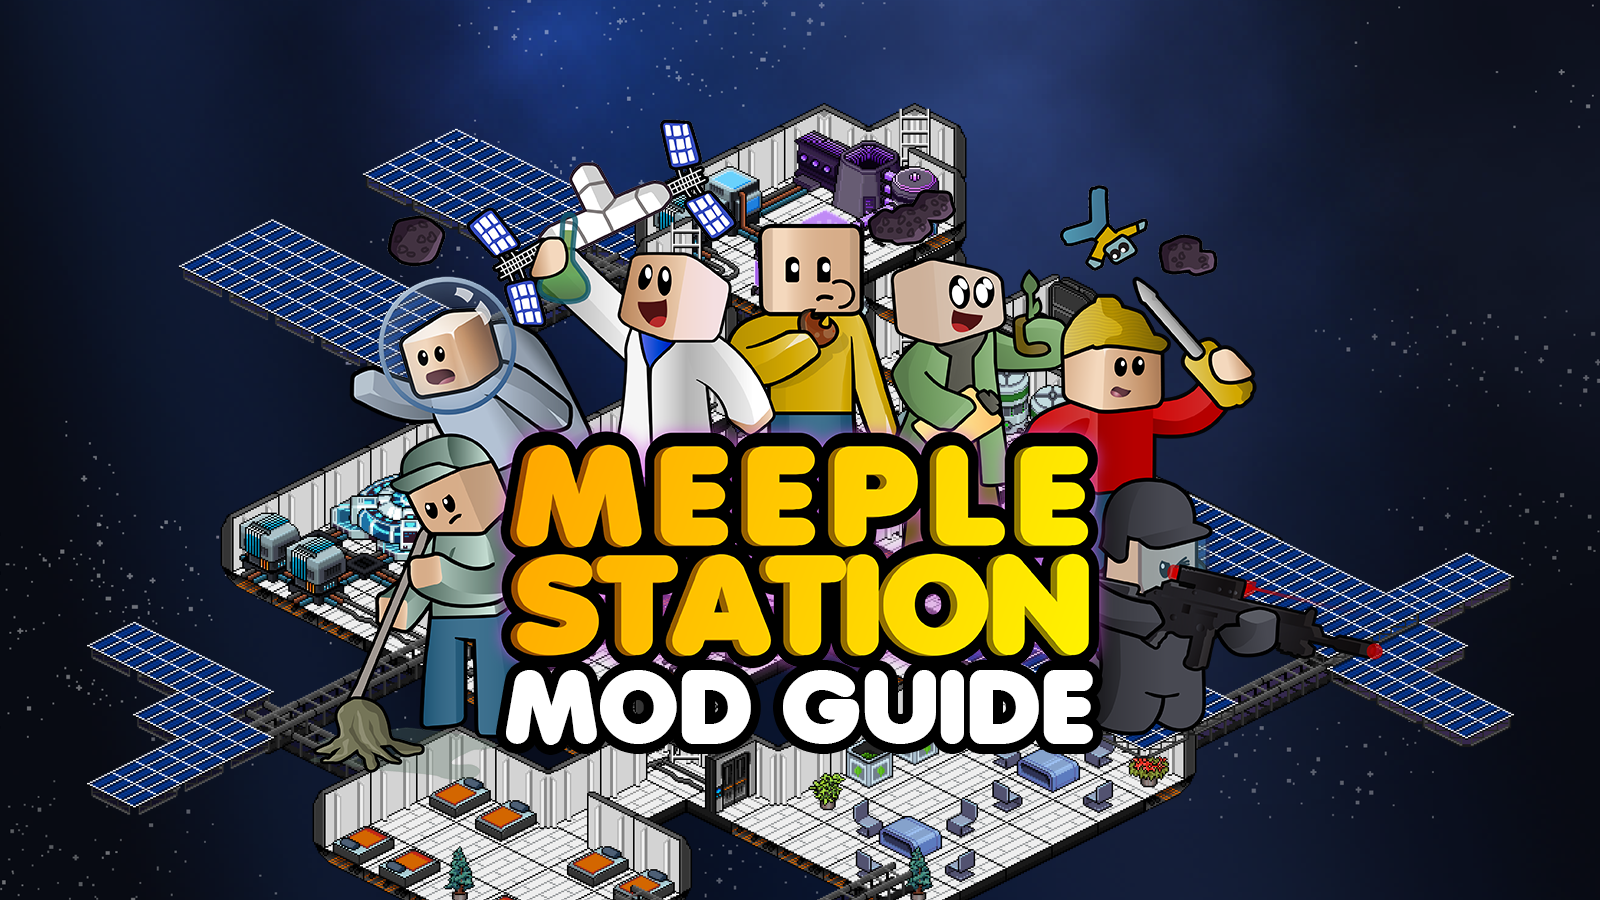 Meeple Station mod guide v0 5 15 - mod io